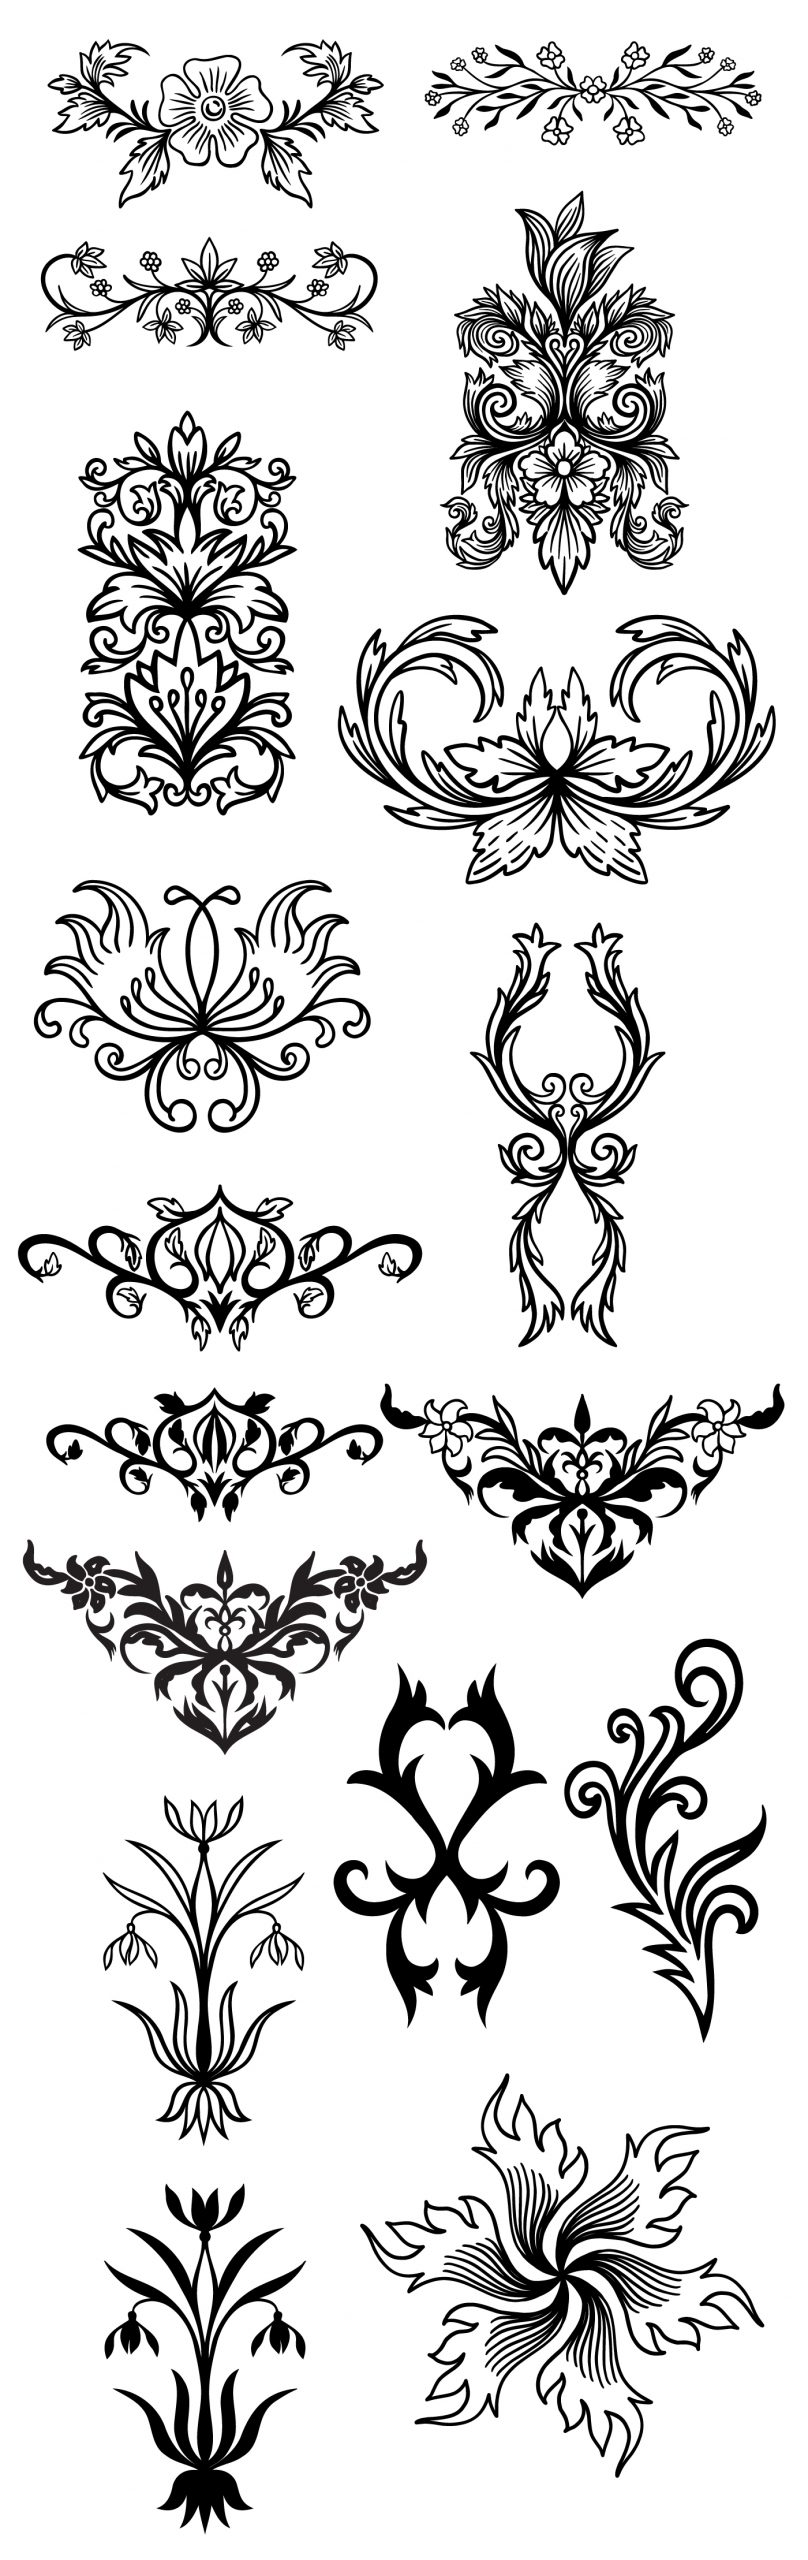 Vintage Floral Decorative Vector Elements